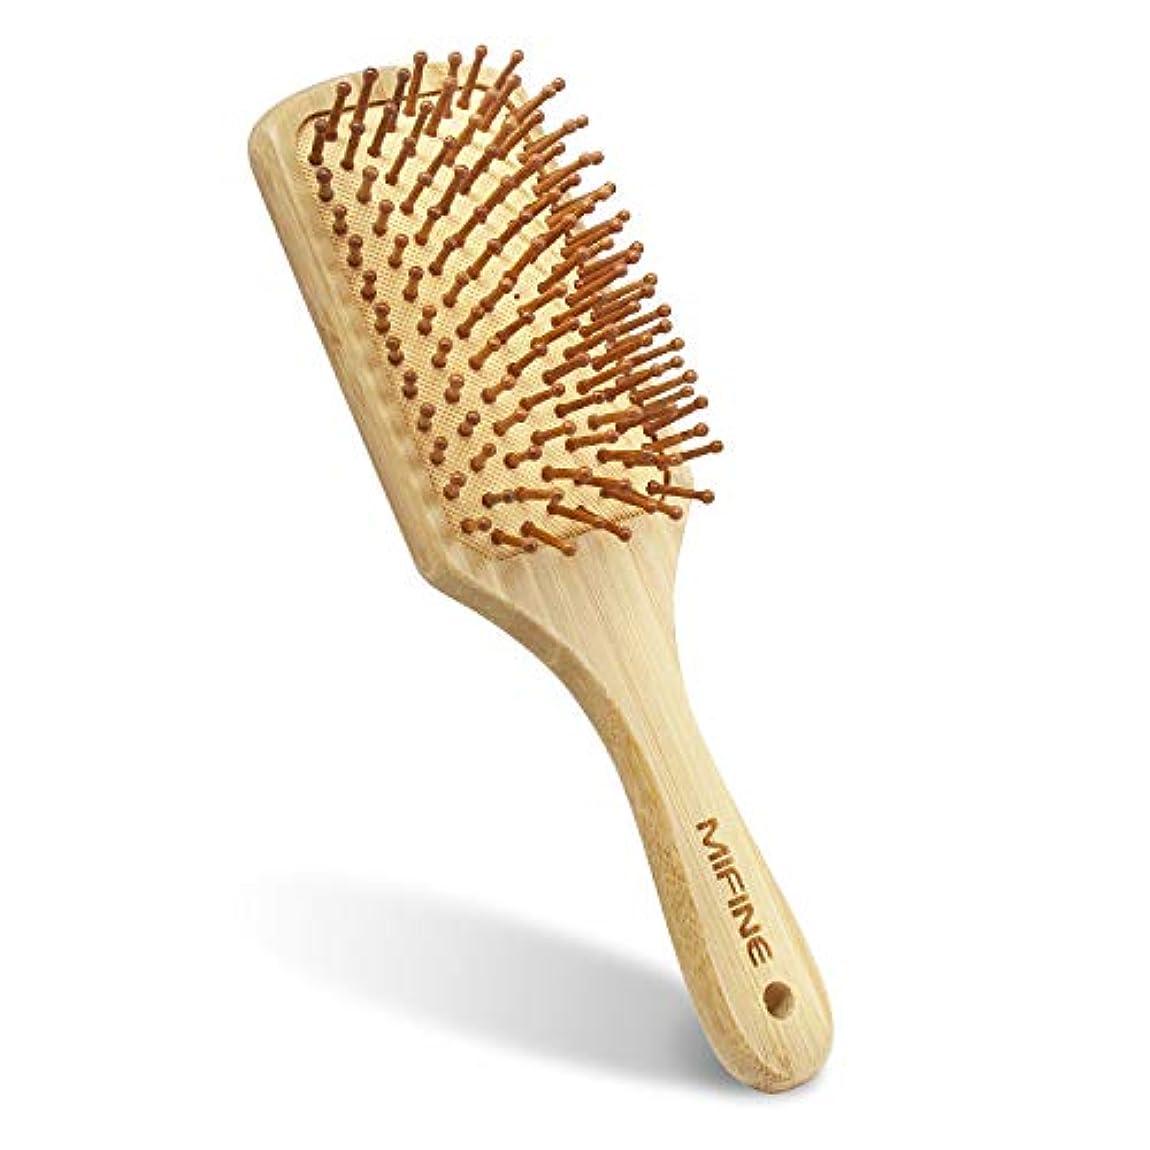 バッジ悪化させるミッションヘアブラシ 木製櫛 Mifine 頭皮/肩/顔マッサージコーム 美髪ケア 血行促進 薄毛改善 (大) [並行輸入品]